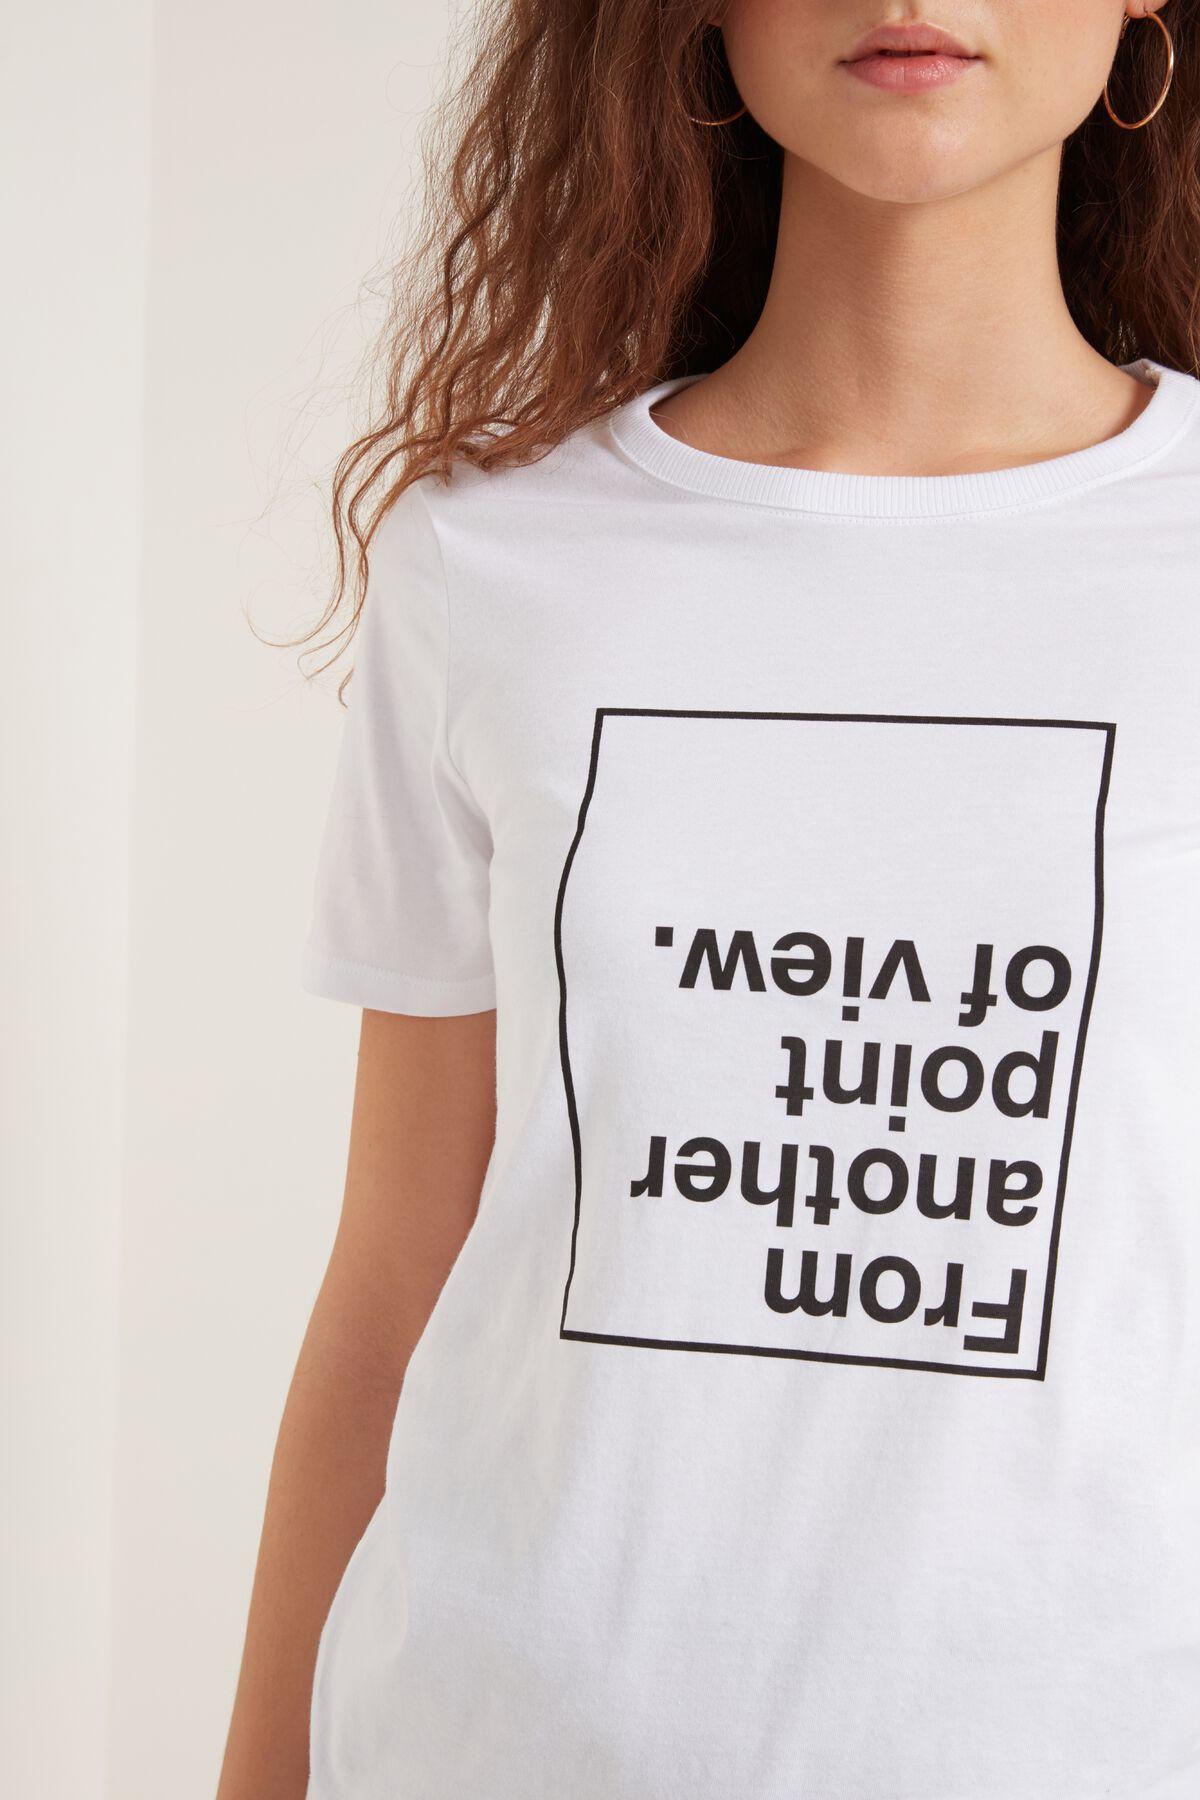 Camiseta de algodón con mensaje